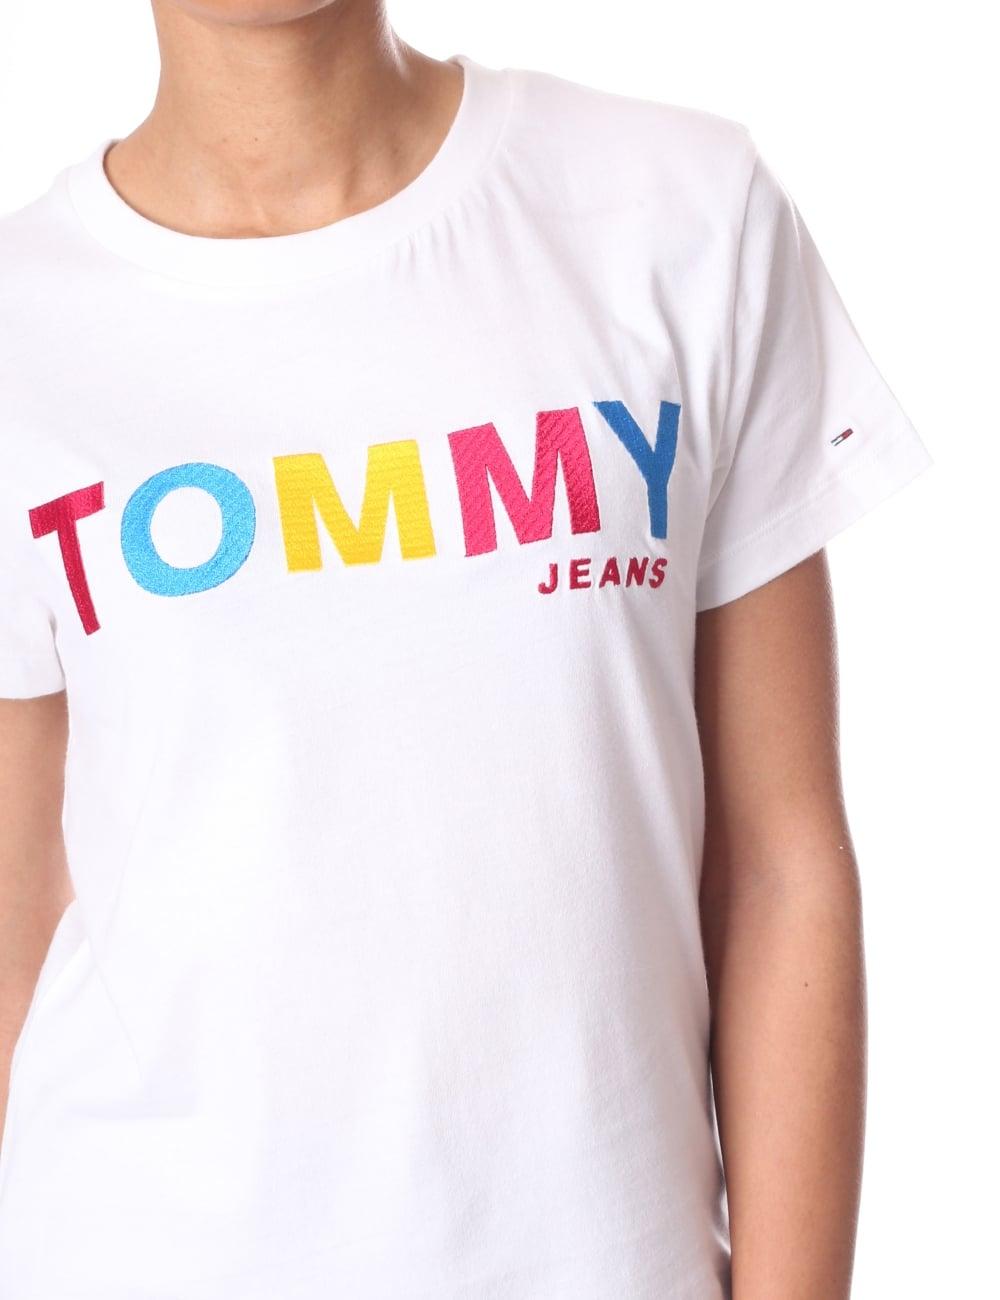 d6ada1e7d6 ... Tommy Hilfiger Multi Colour Logo Women s T-Shirt. Tap image to zoom. Multi  Colour Logo Women  039 ...